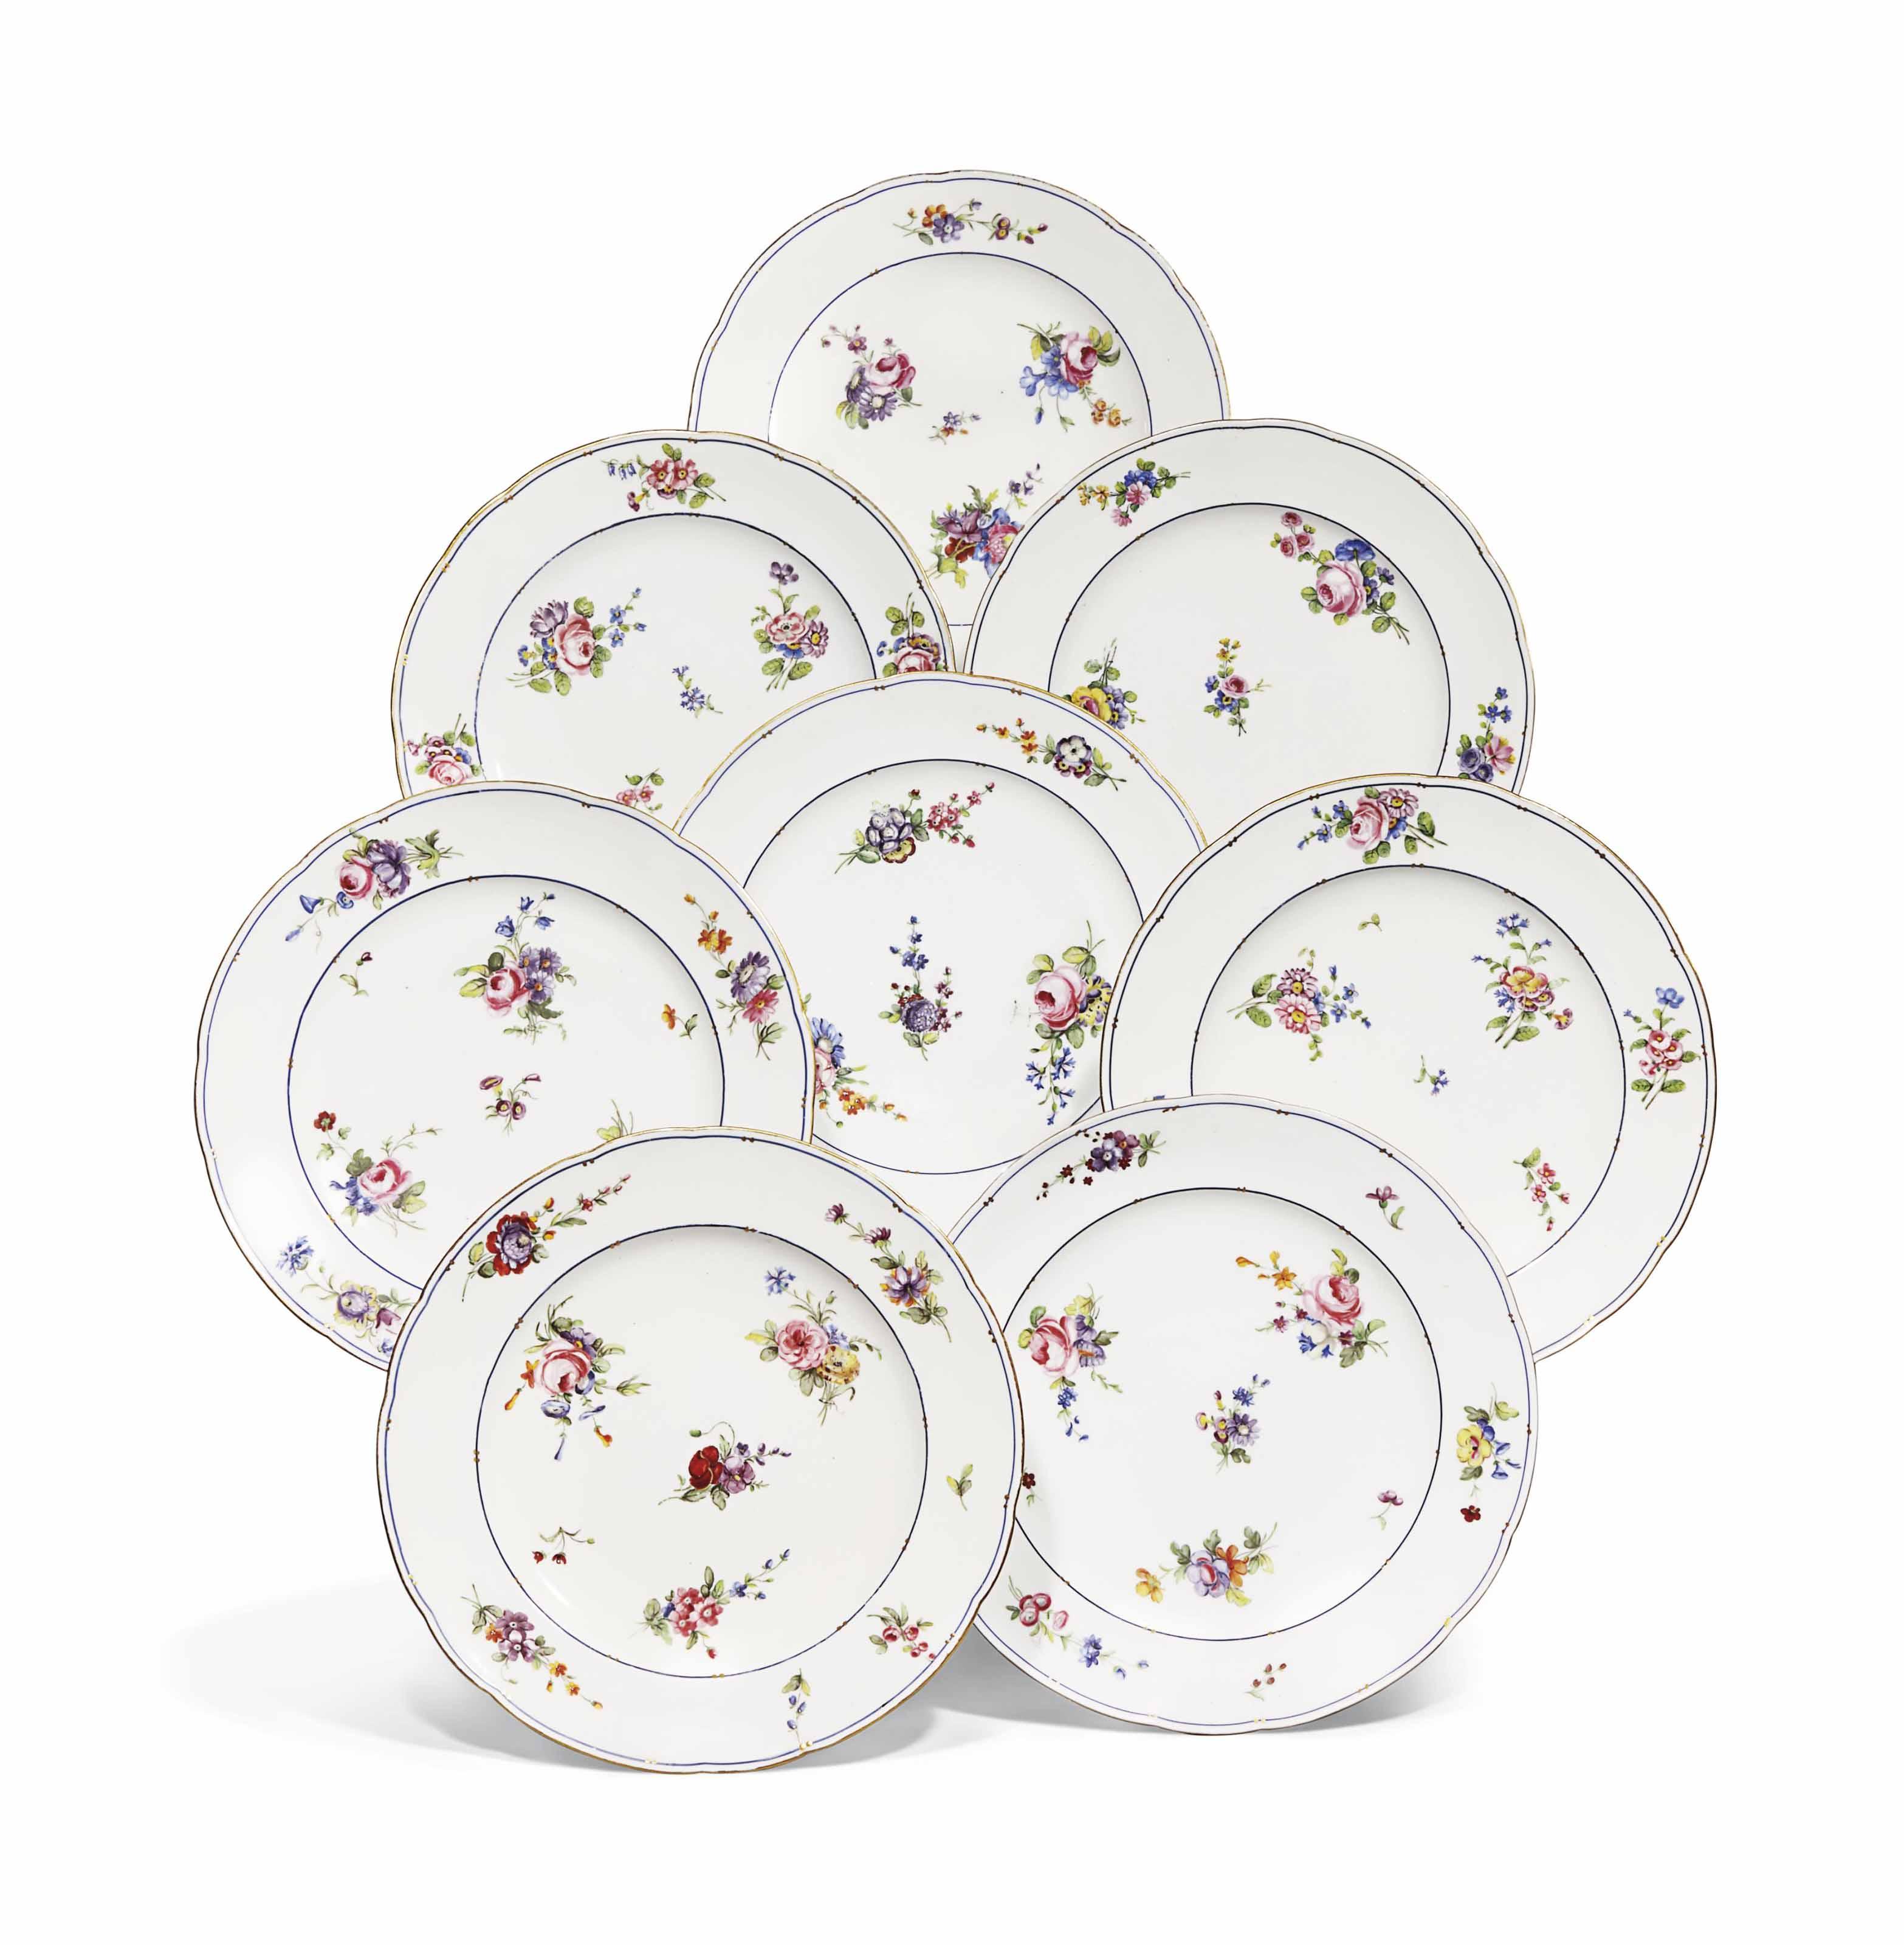 Peinture Sur Porcelaine Assiette huit assiettes en porcelaine de sevres du xviiieme siecle